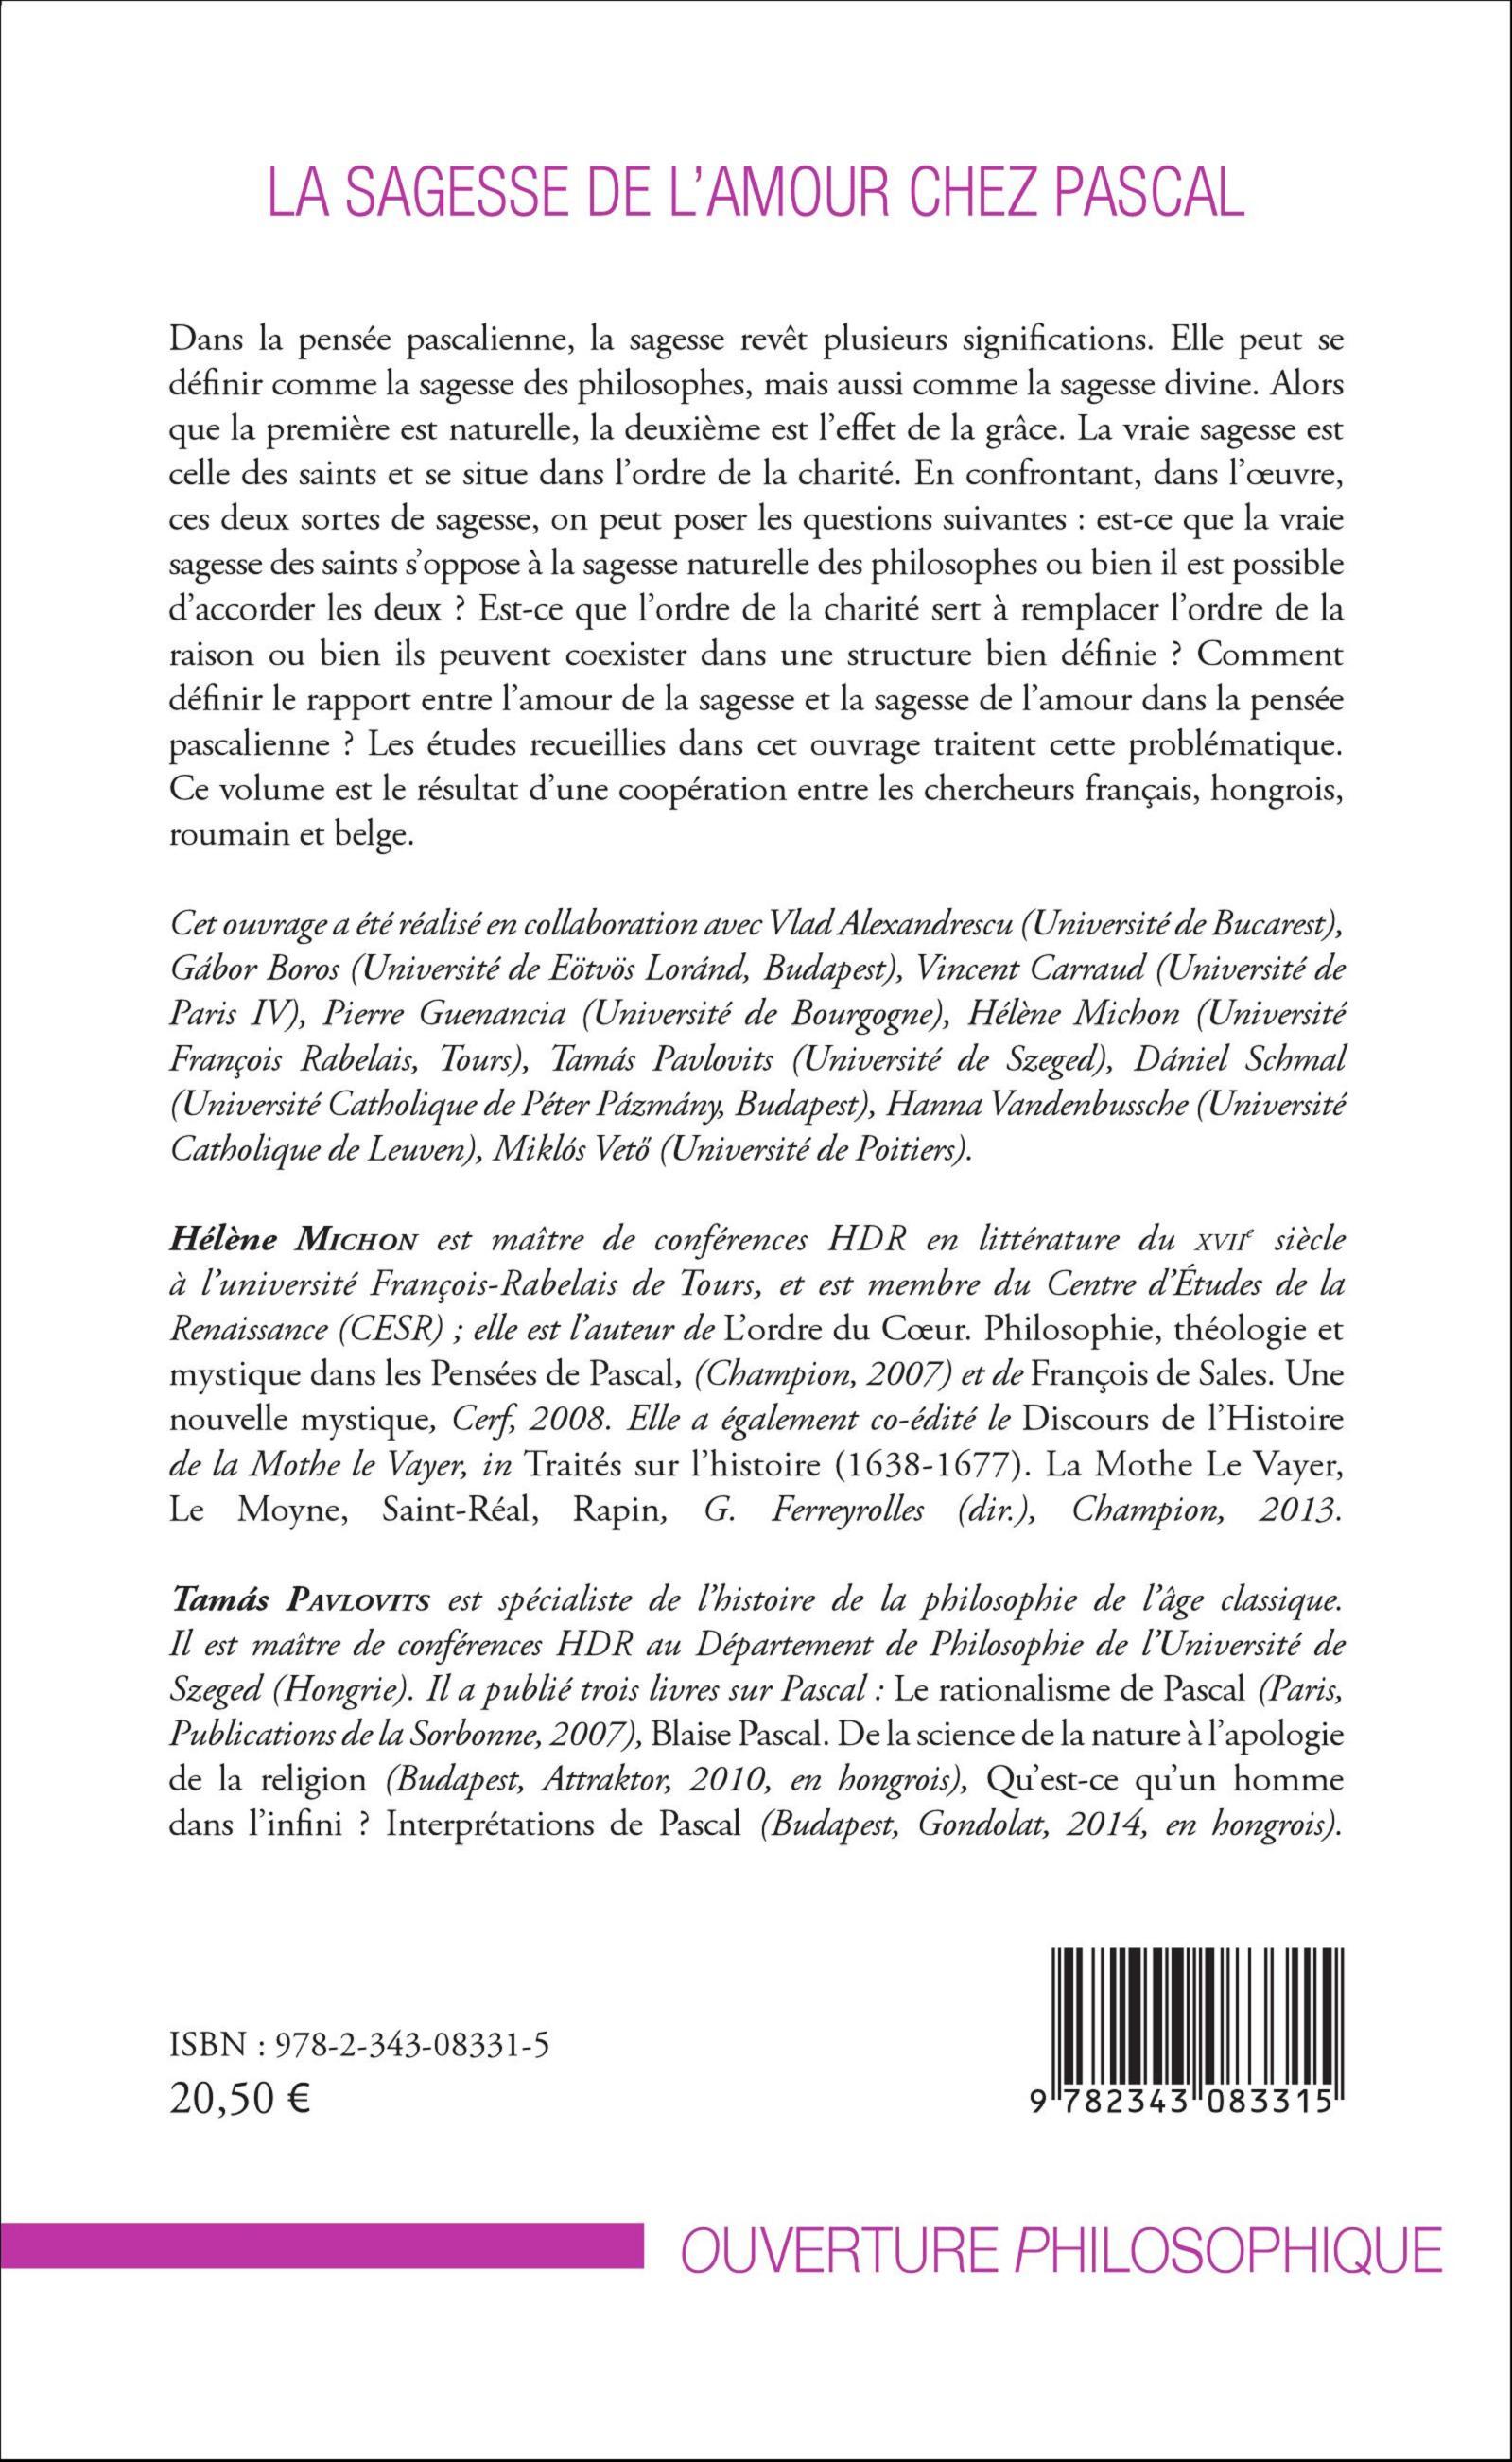 La Sagesse De Lamour Chez Pascal Dirigé Par Hélène Michon Et